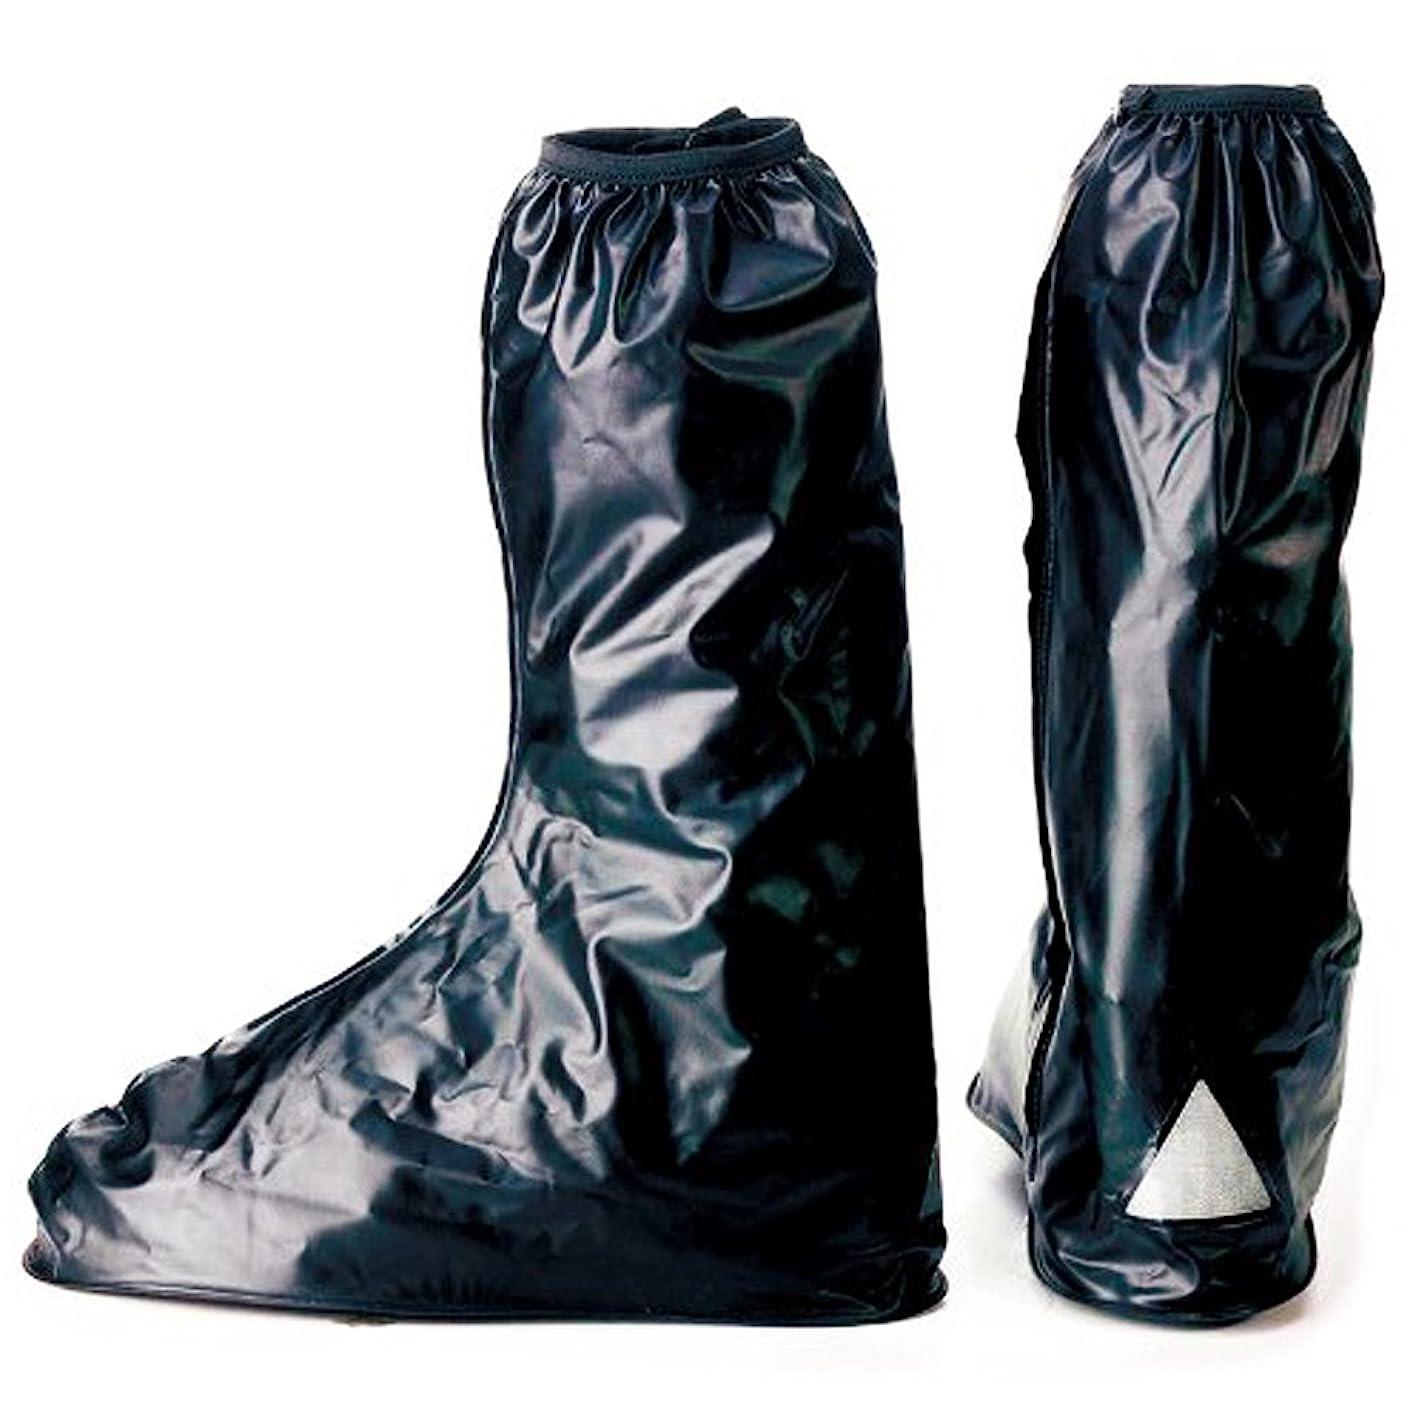 作詞家立場いつ【ノーブランド品】 靴を履いたまま履ける!! レインブーツ 靴 ブーツ シューズ防水 バイク雨具 コンパクトで携帯に便利!レインブーツカバー【ブラック Lサイズ】